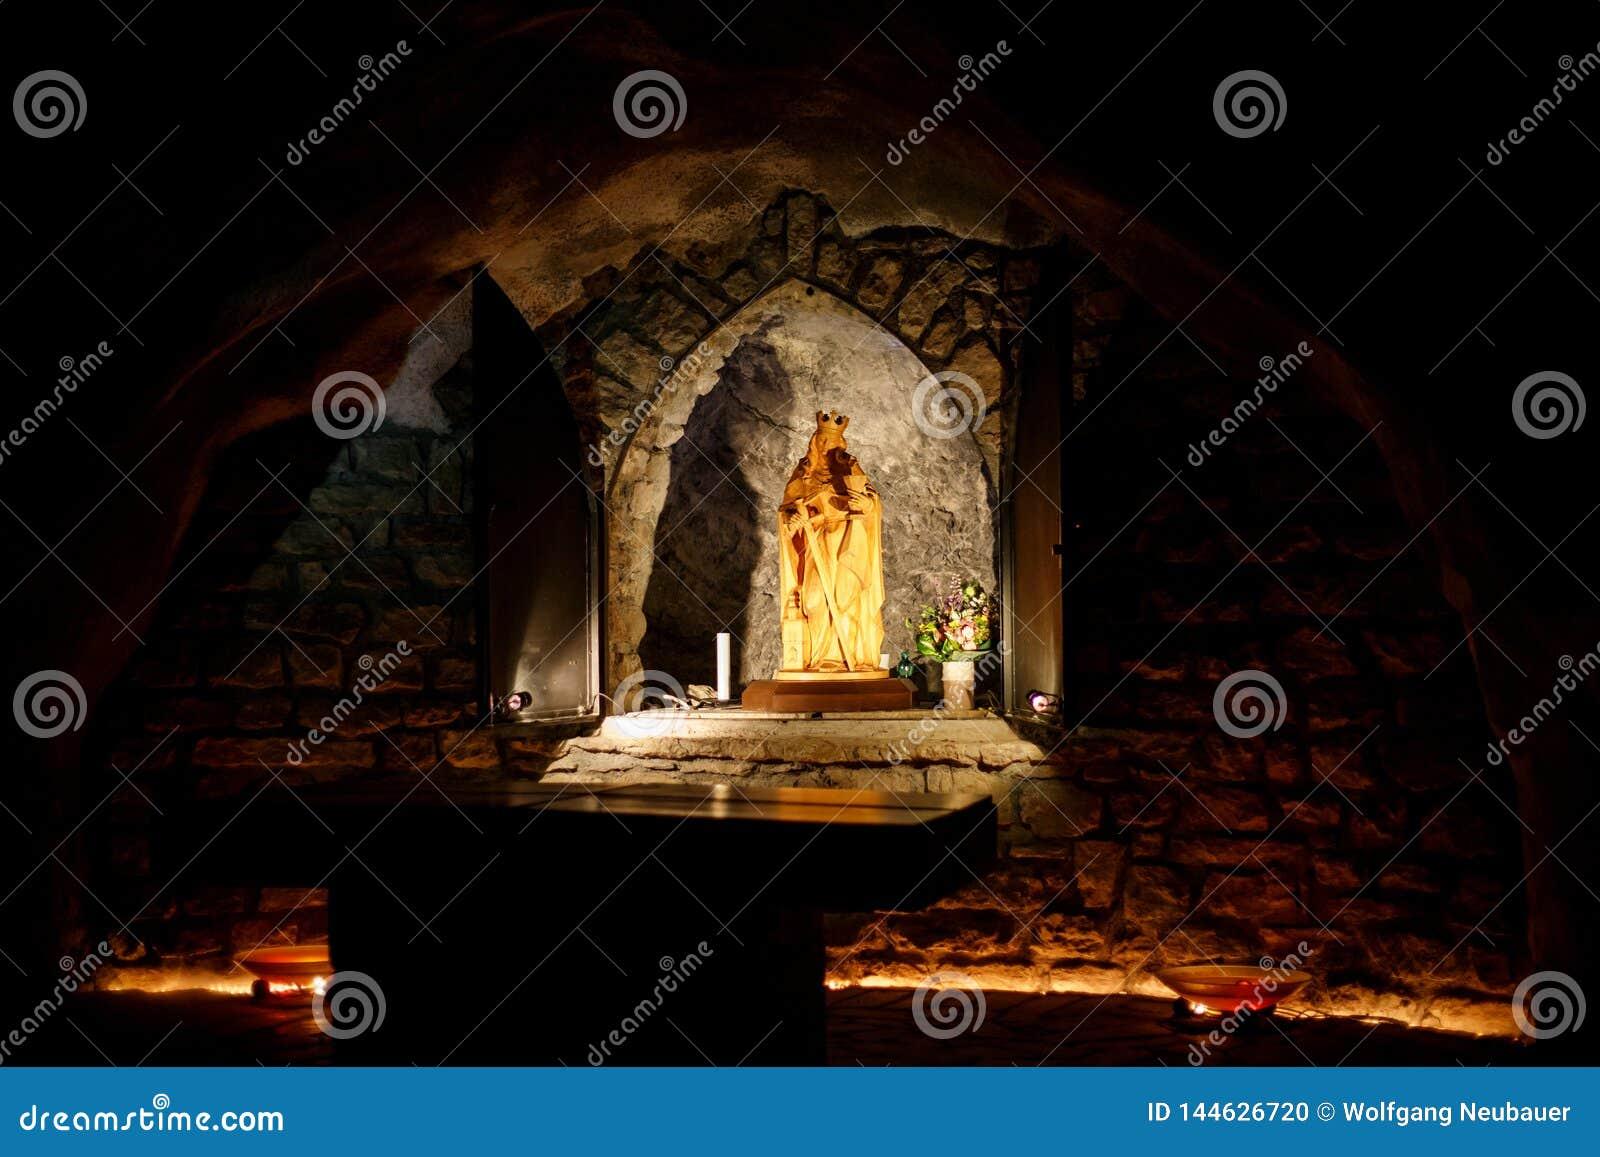 Un tombeau de saint Barbara dans une caverne foncée